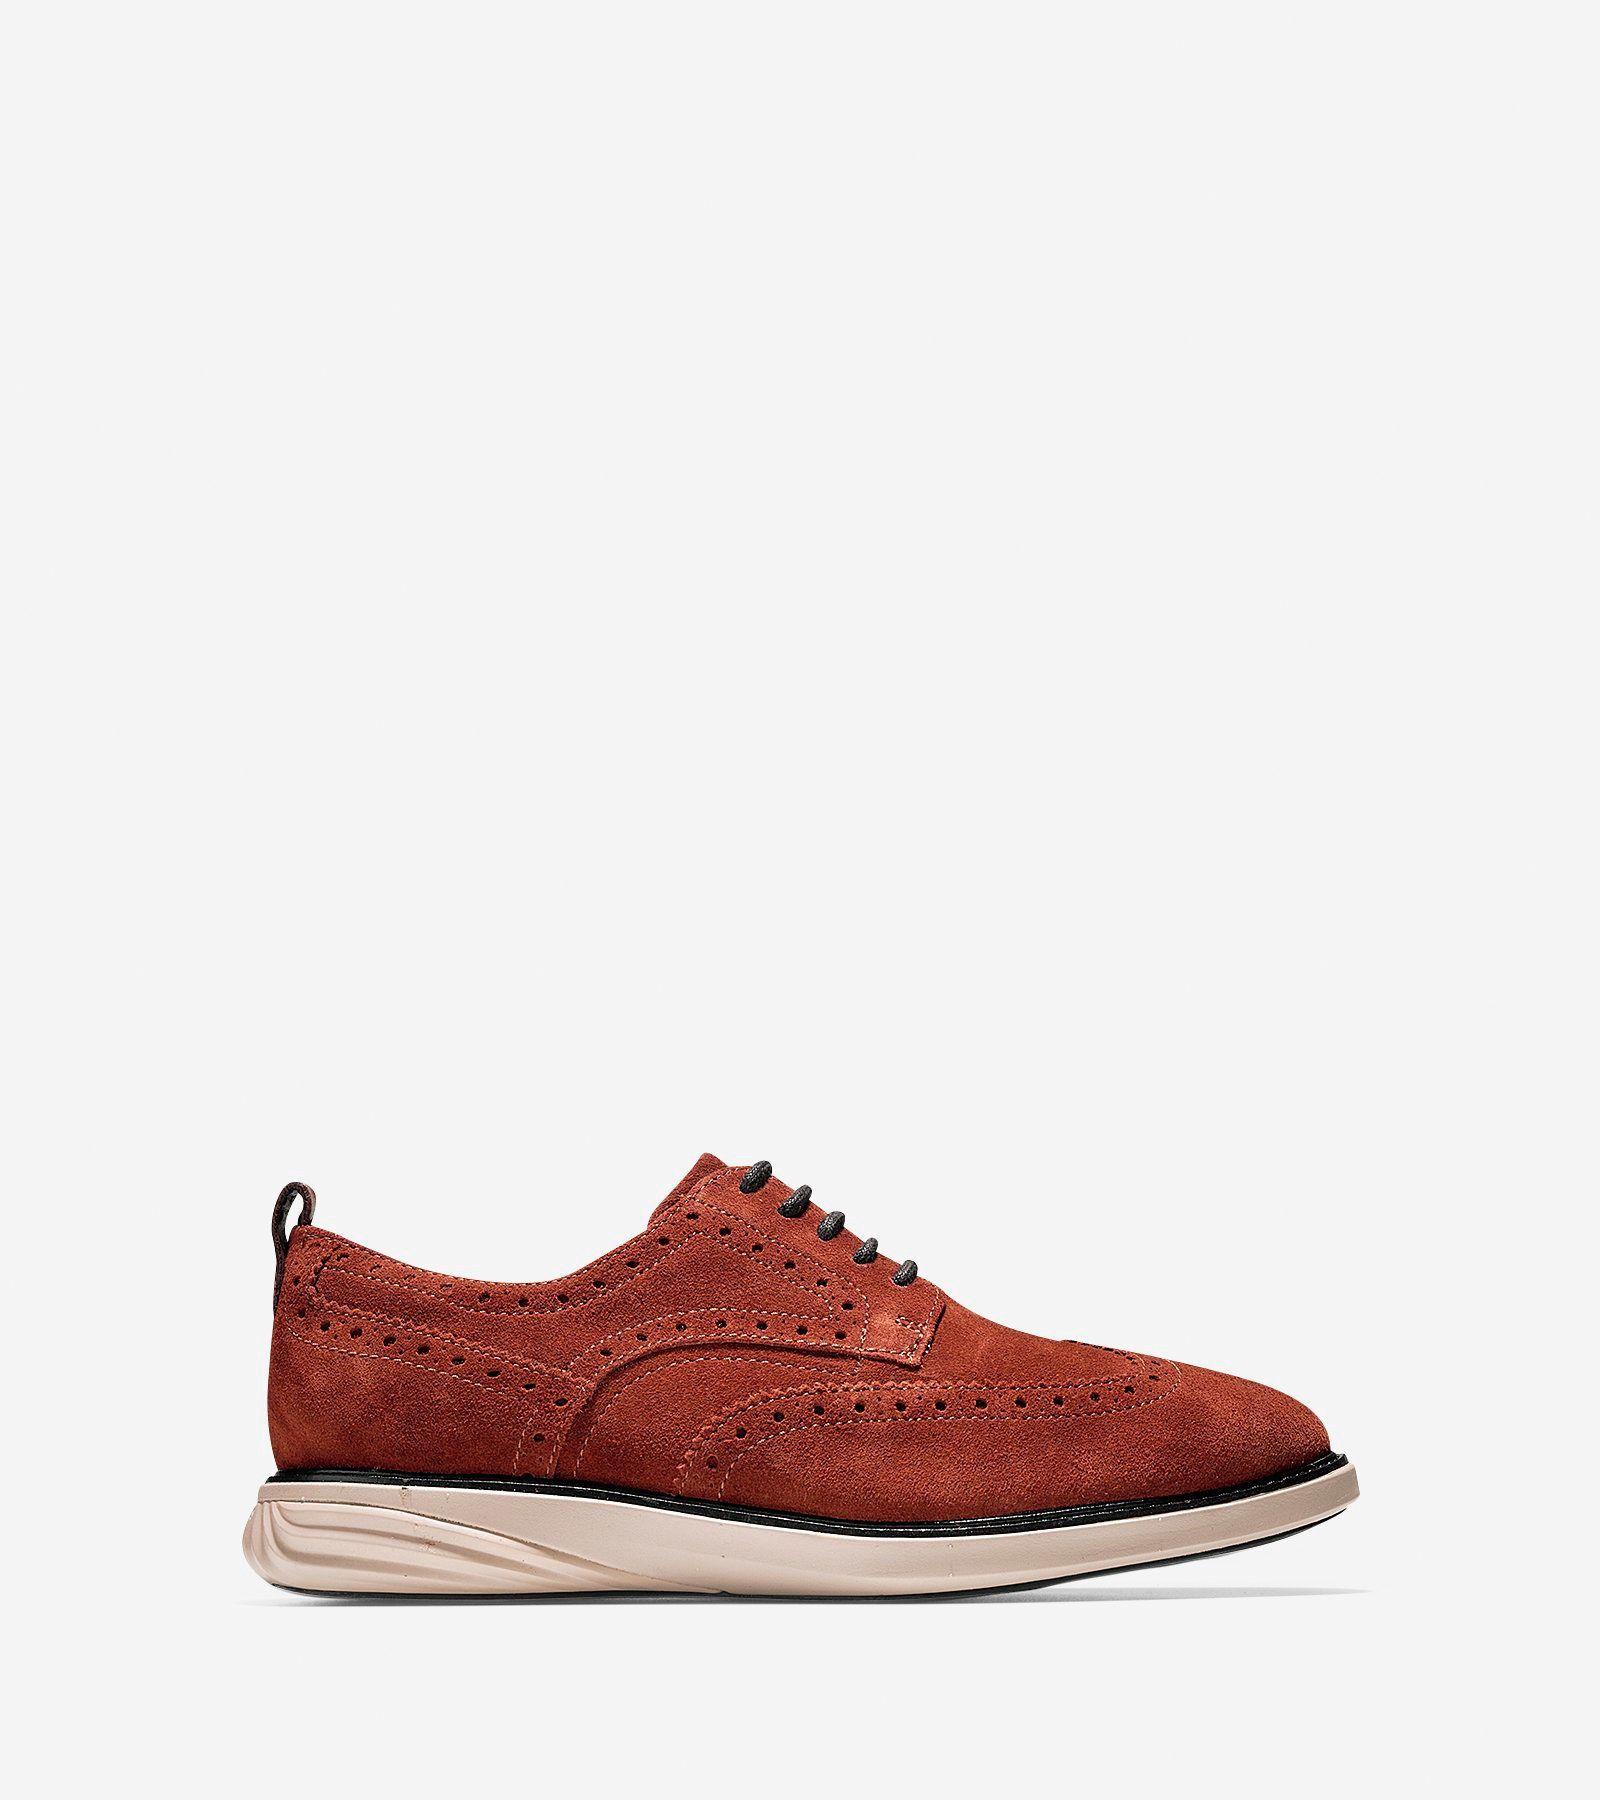 COLE HAAN Men's GrandEvølution Wingtip Oxford - Brandy Brown-cobblestone. # colehaan #shoes